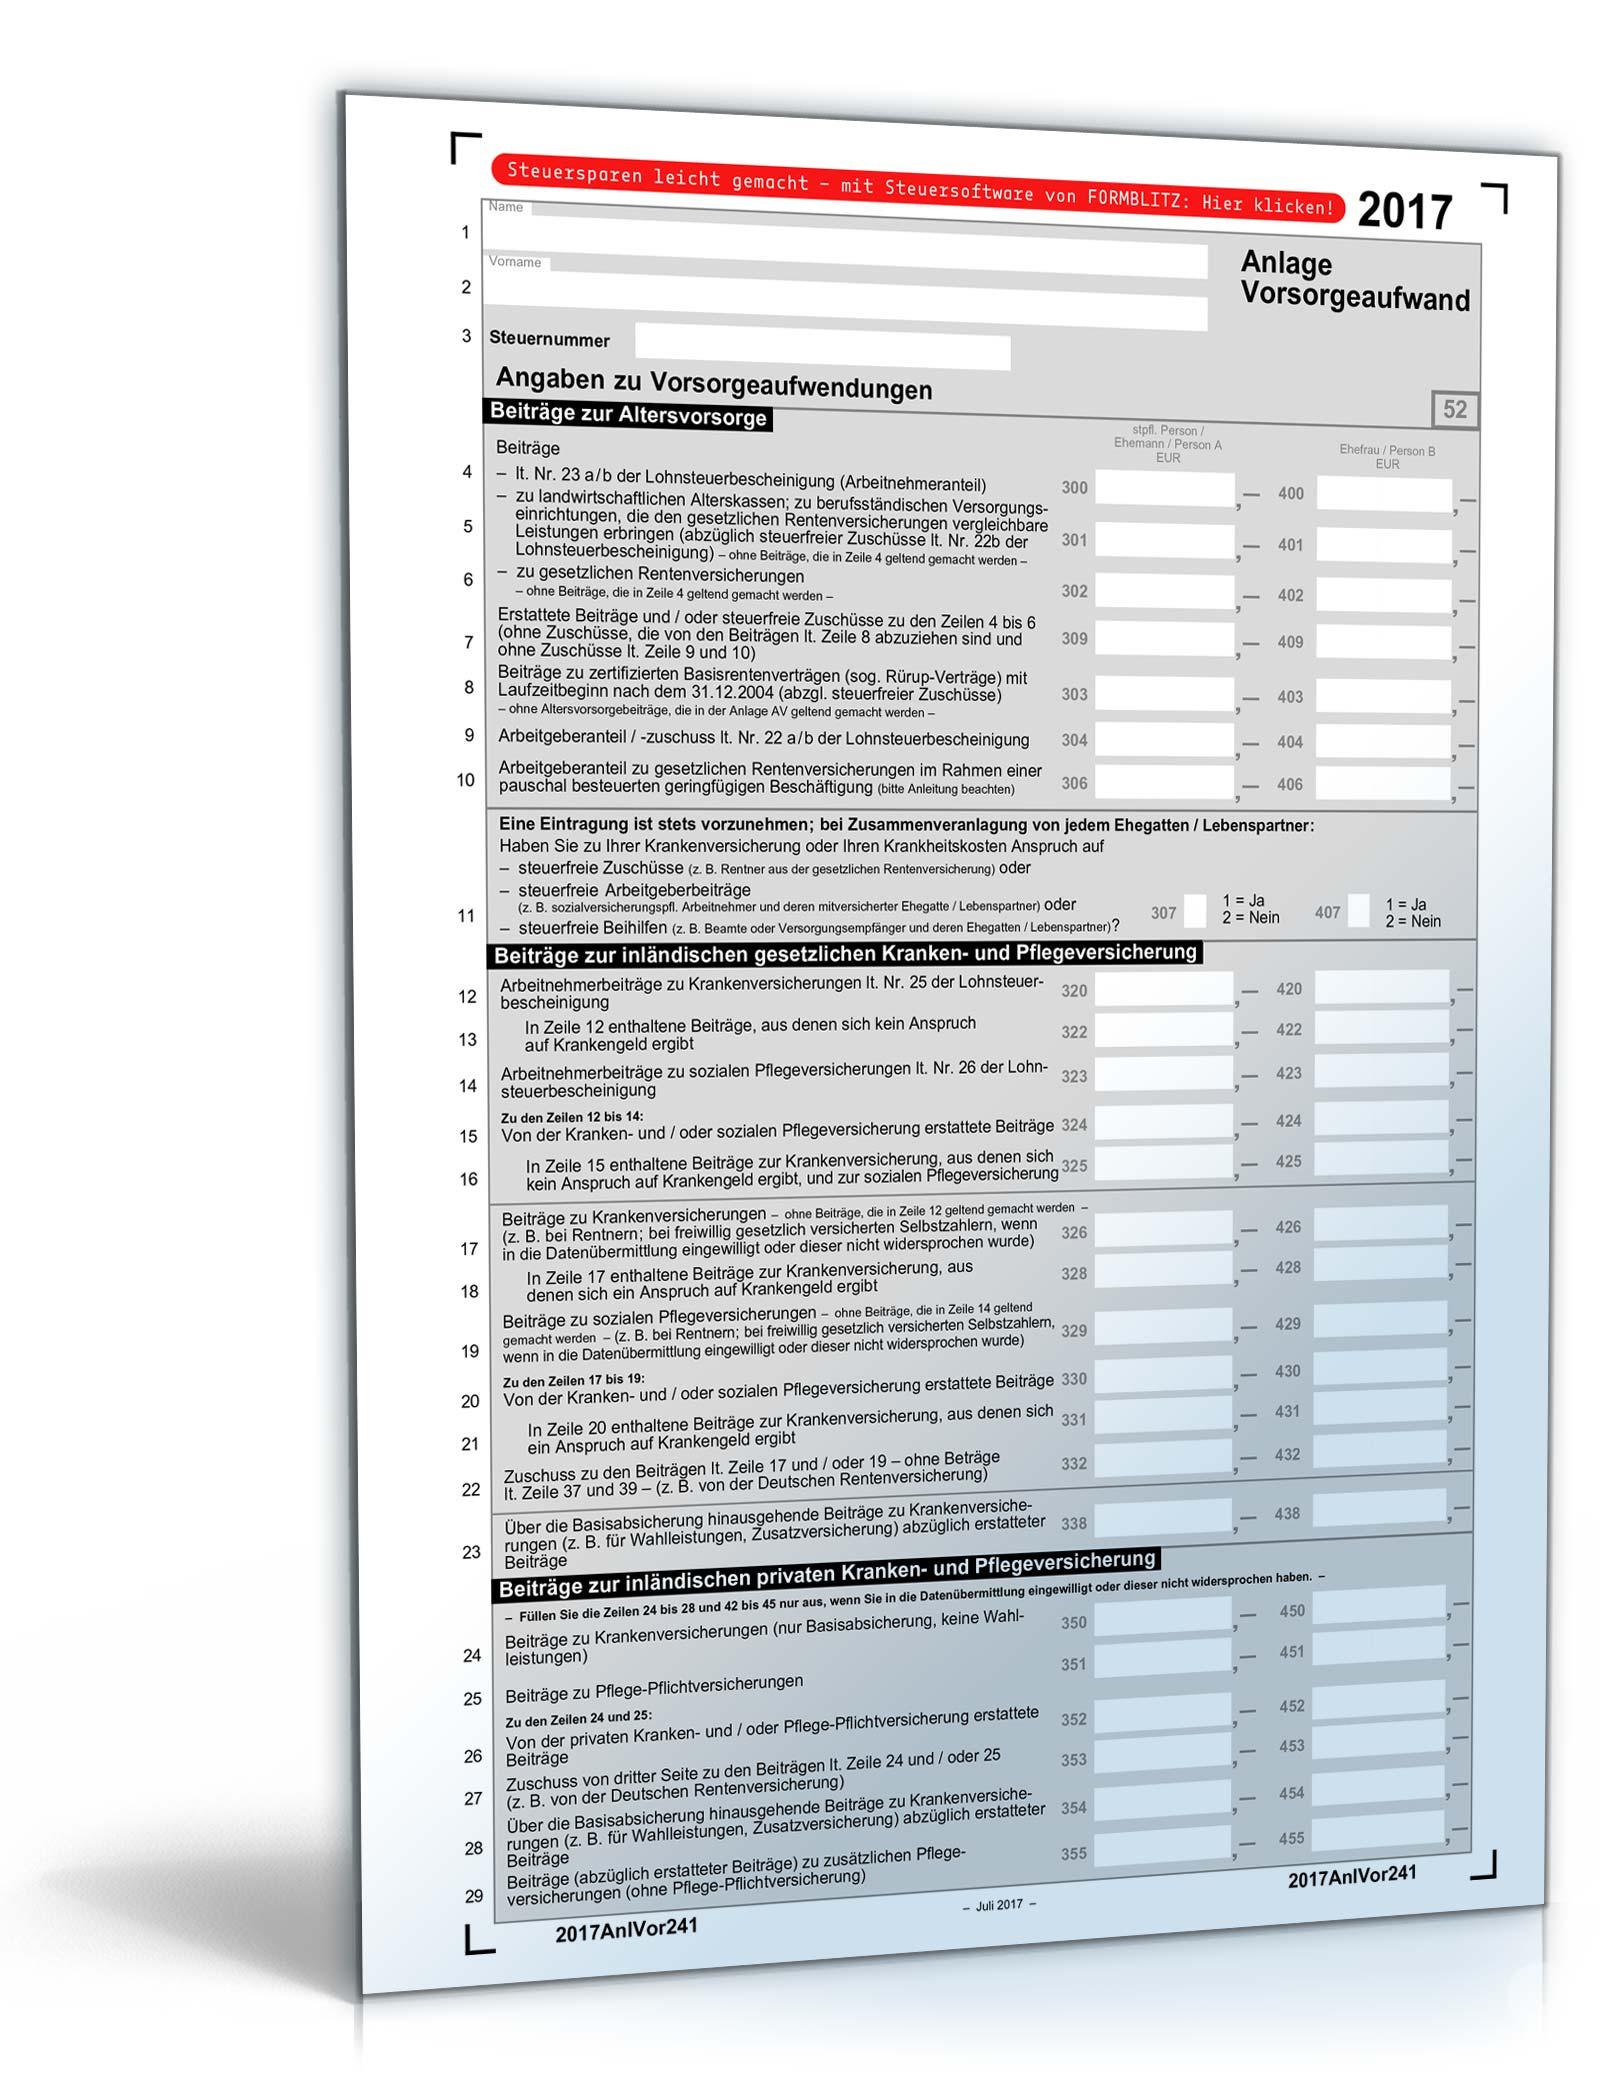 anlage vorsorgeaufwand 2017 - Steuererklarung Anlage V Beispiel